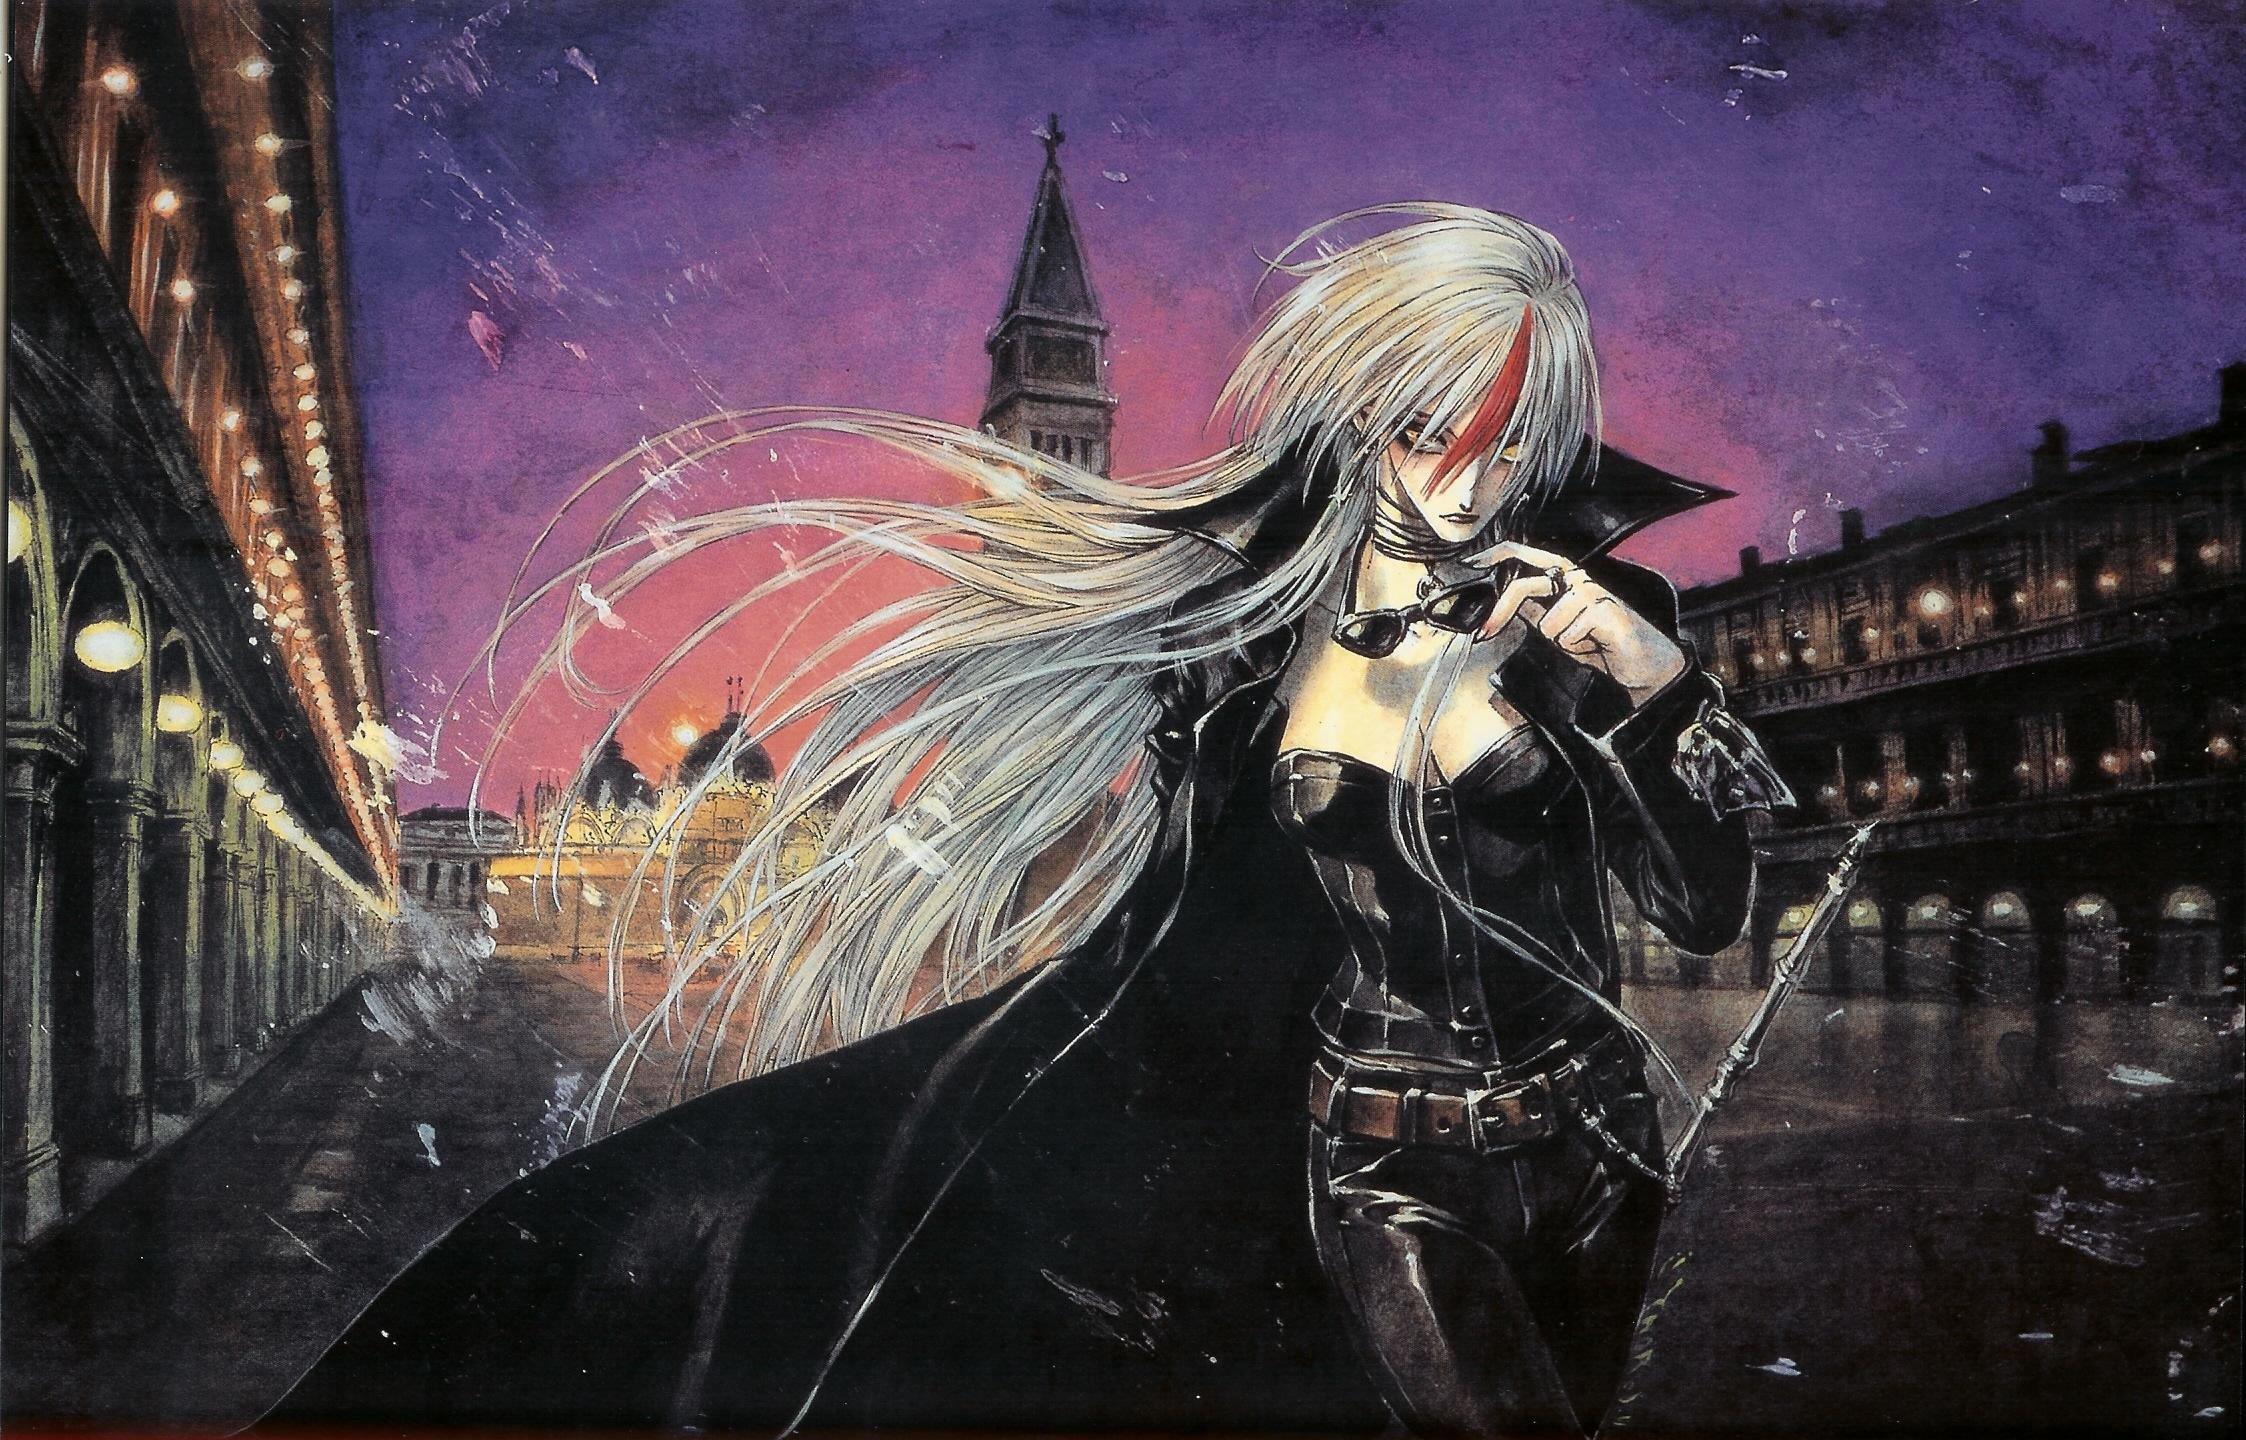 47 anime vampire girl wallpaper on wallpapersafari - Wallpaper vampire anime ...